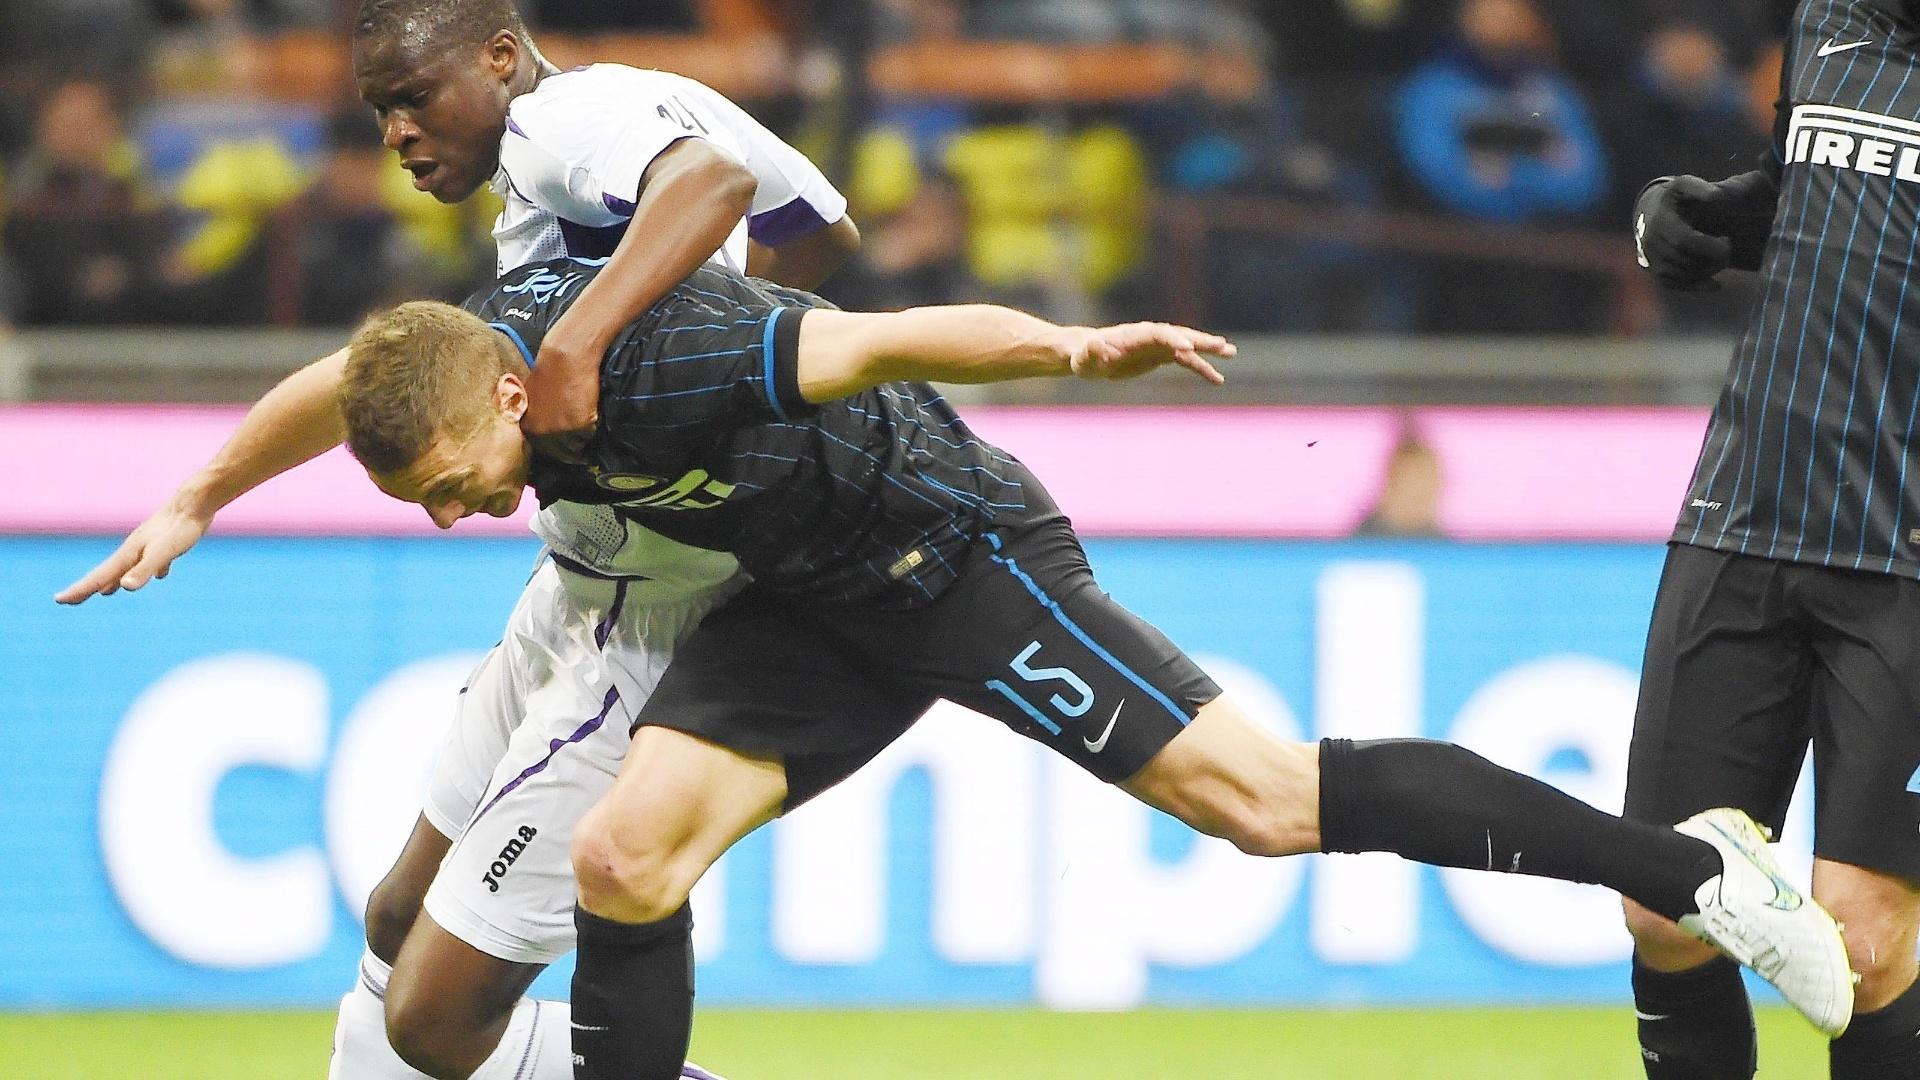 Babacar faz falta no zagueiro Vidic no duelo entre Inter de Milão e Fiorentina no Giuseppe Meazza